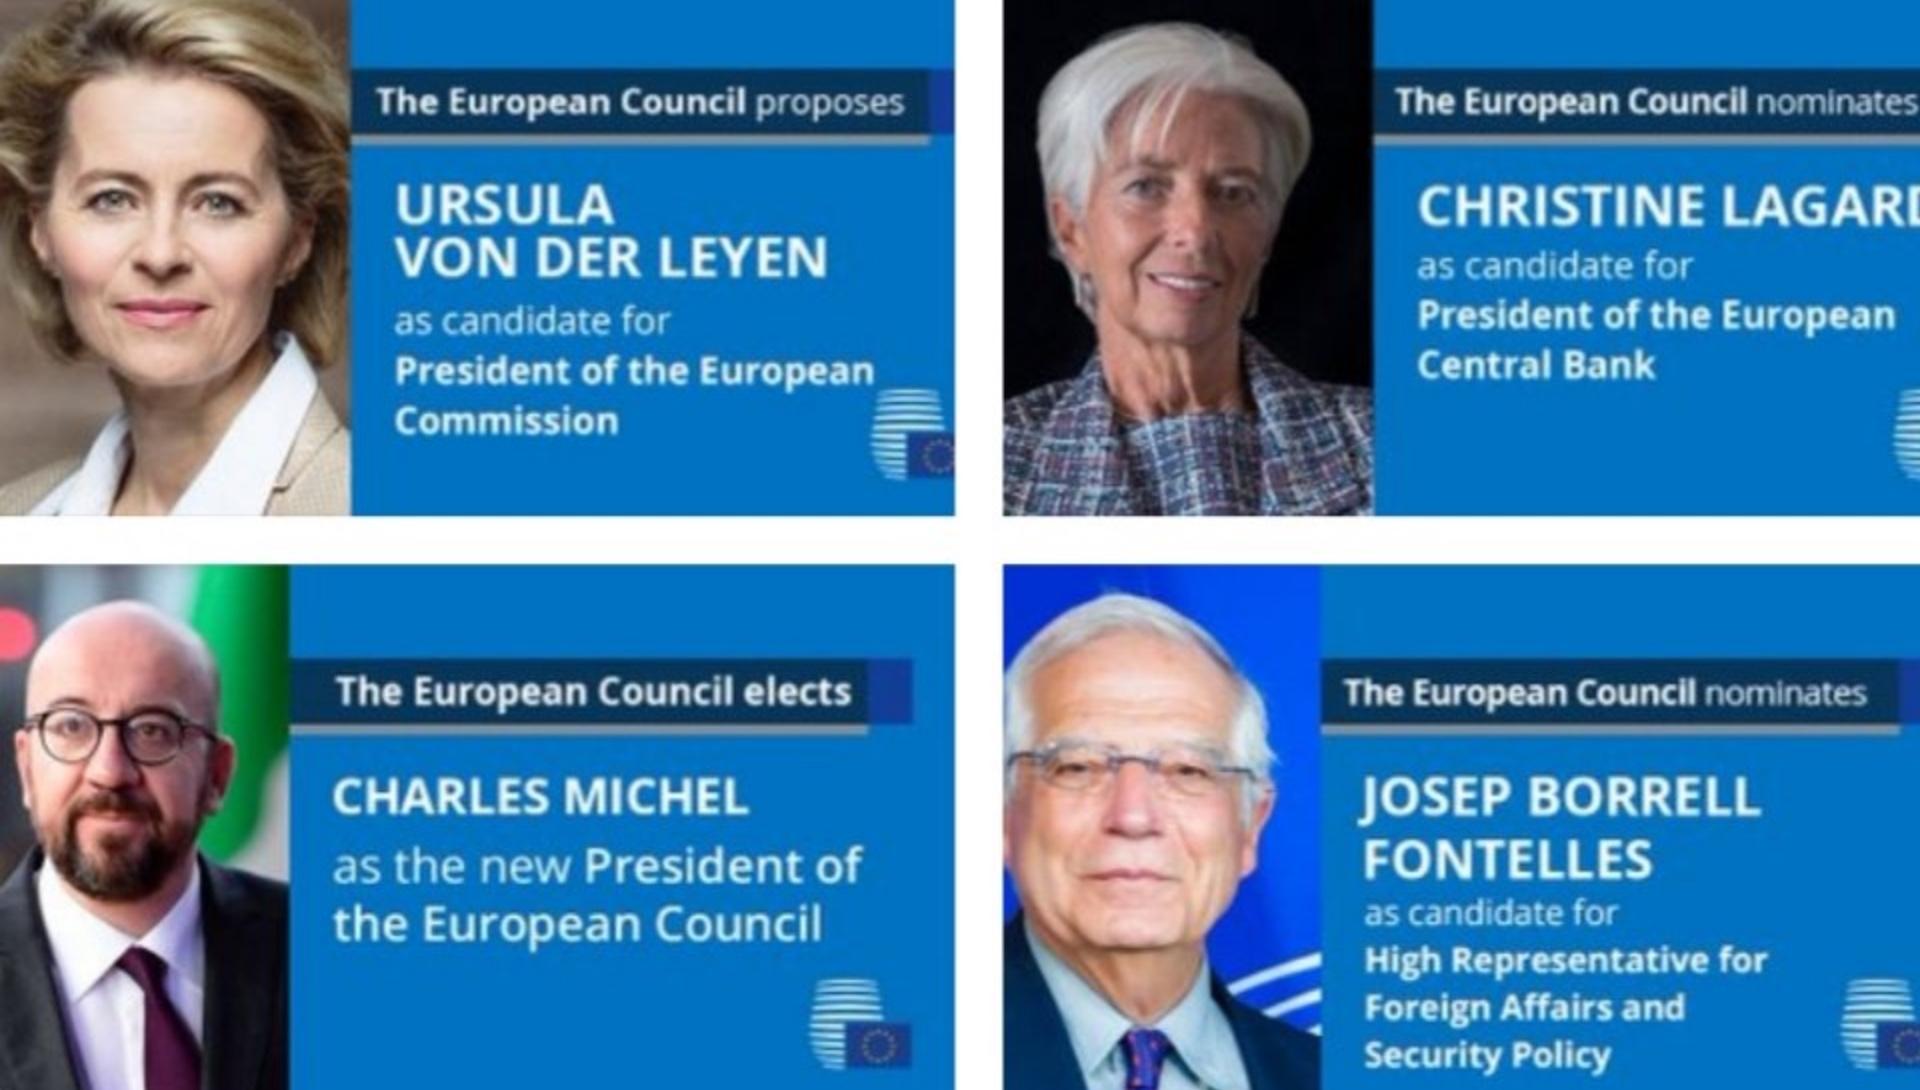 visuel_nomination_UE.jpg